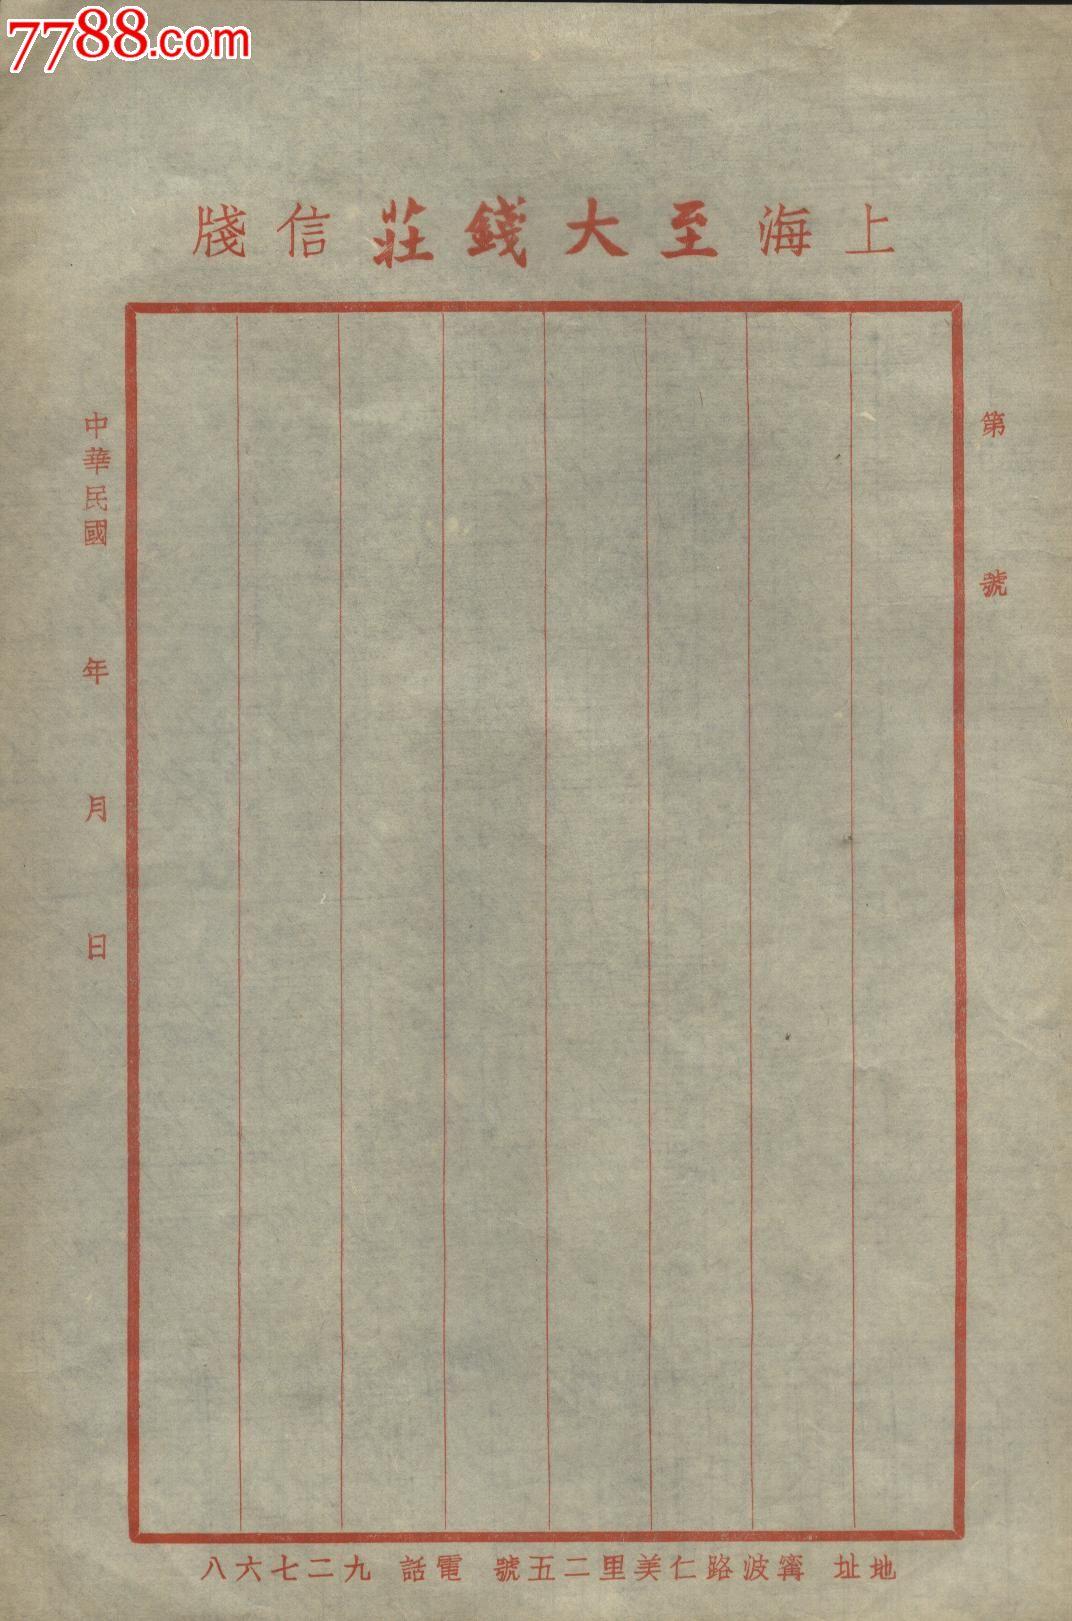 民国时期信纸风格边框图片